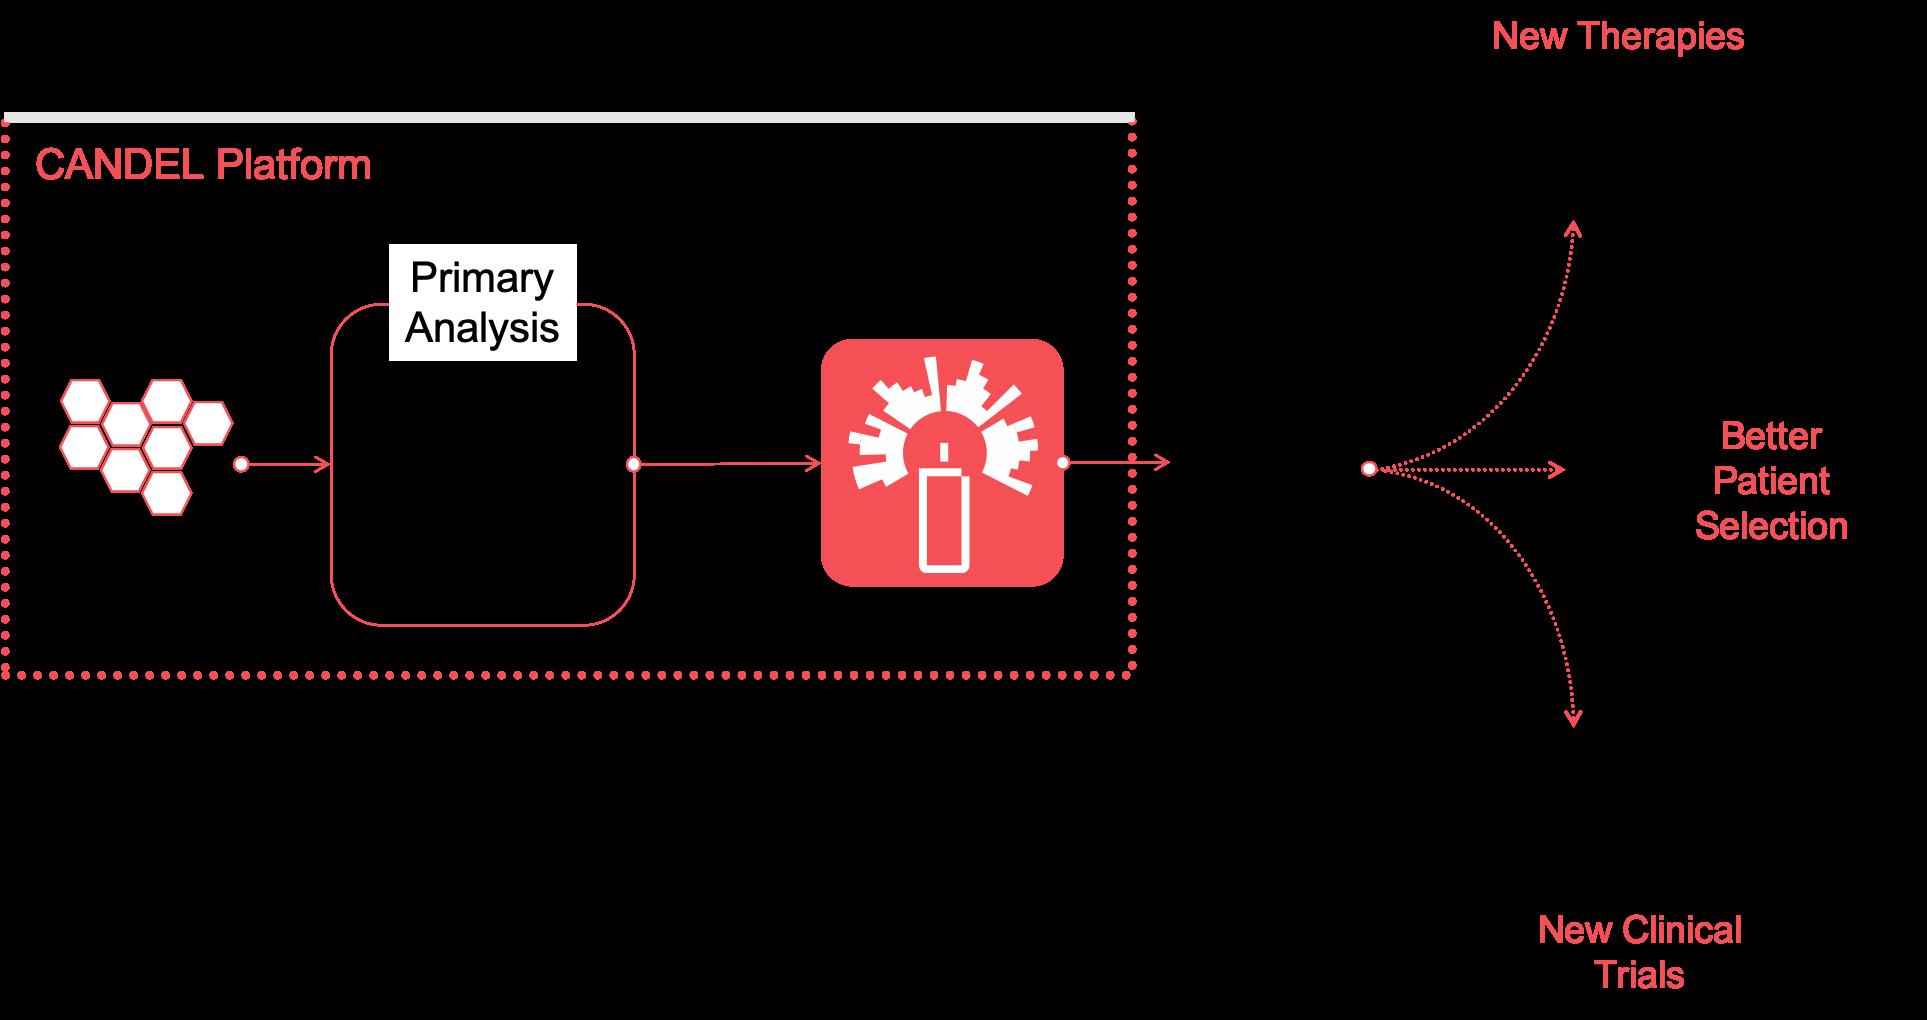 CANDEL platform flowchart